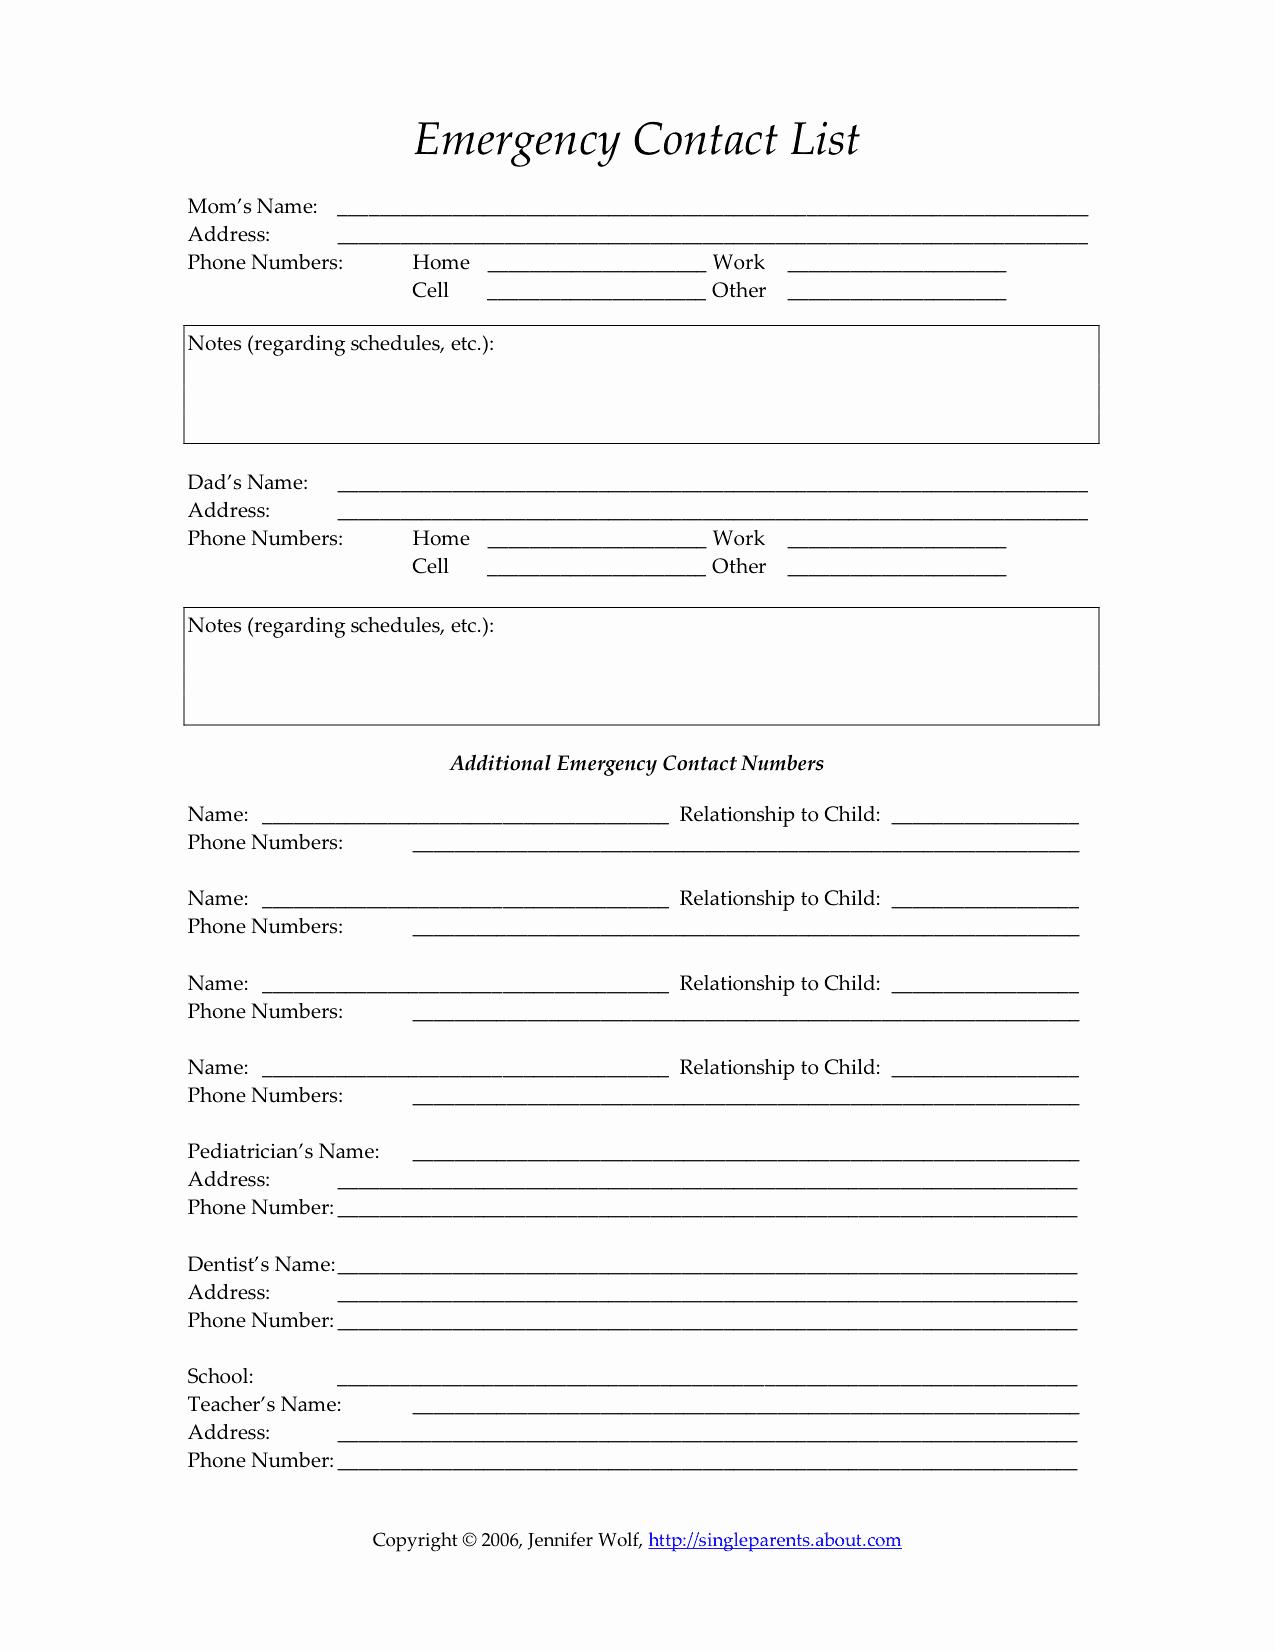 Employee Emergency Contact forms Beautiful Child S Emergency Contact form